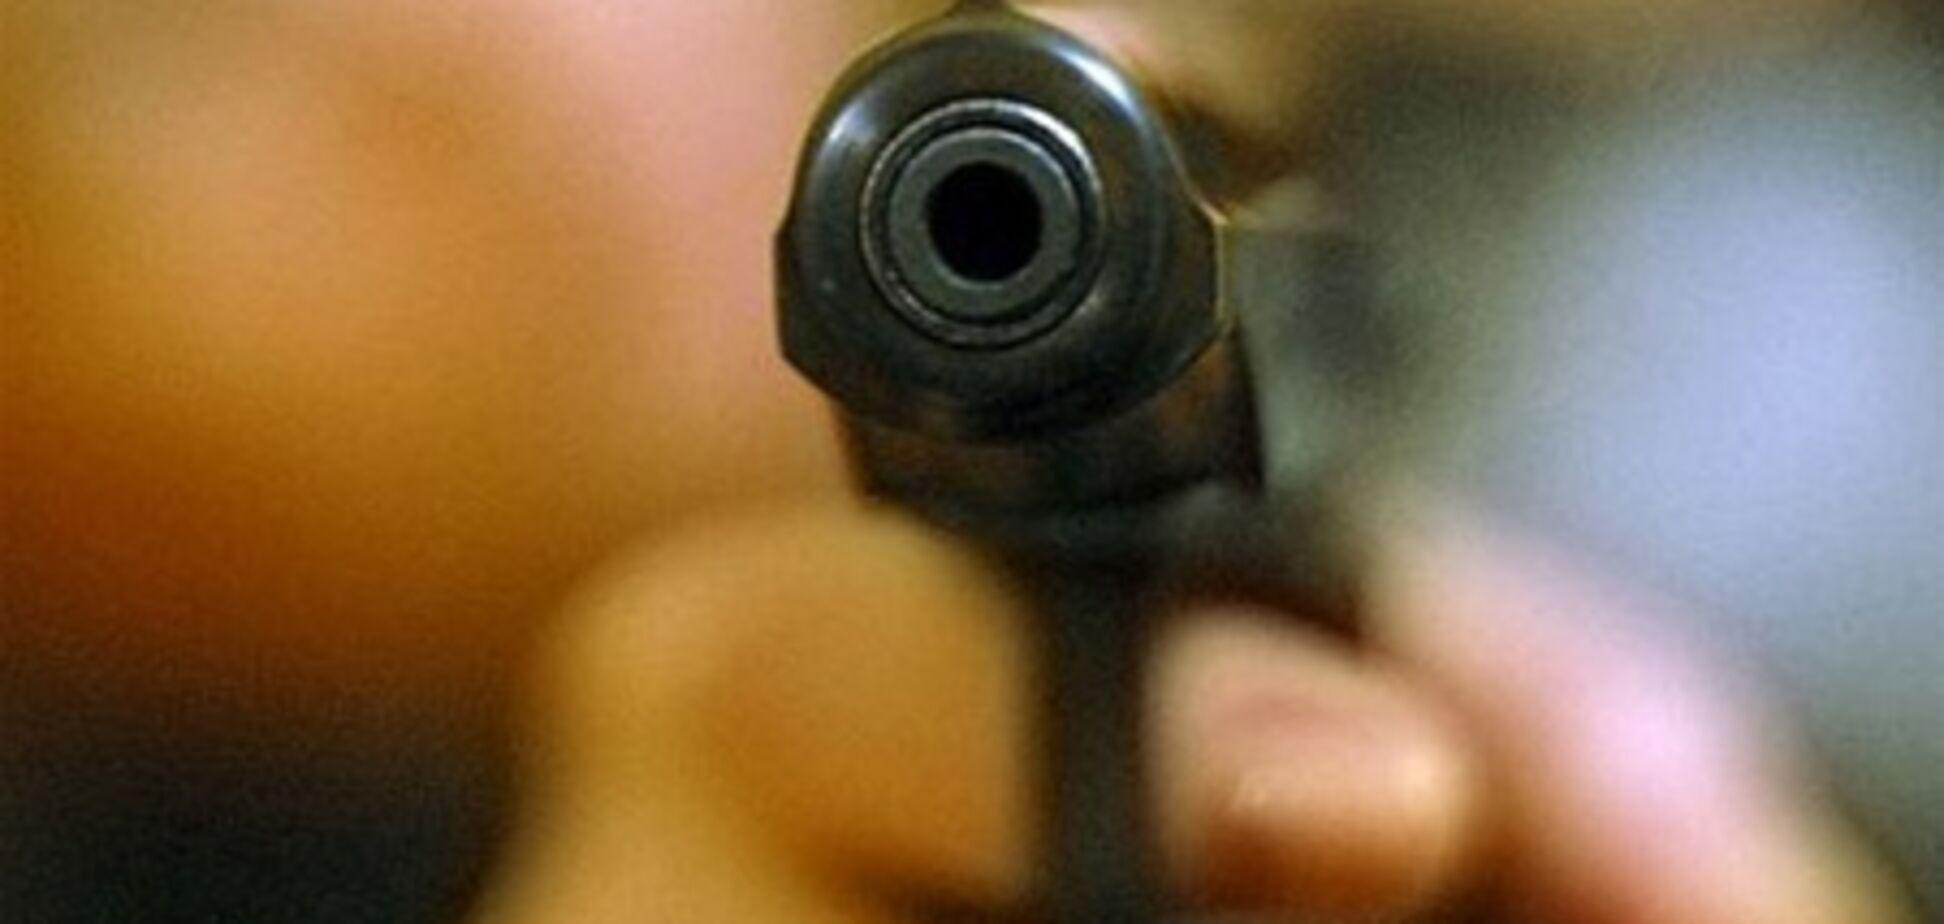 ЗМІ: в нічному клубі Миколаєва сталася бійка зі стріляниною